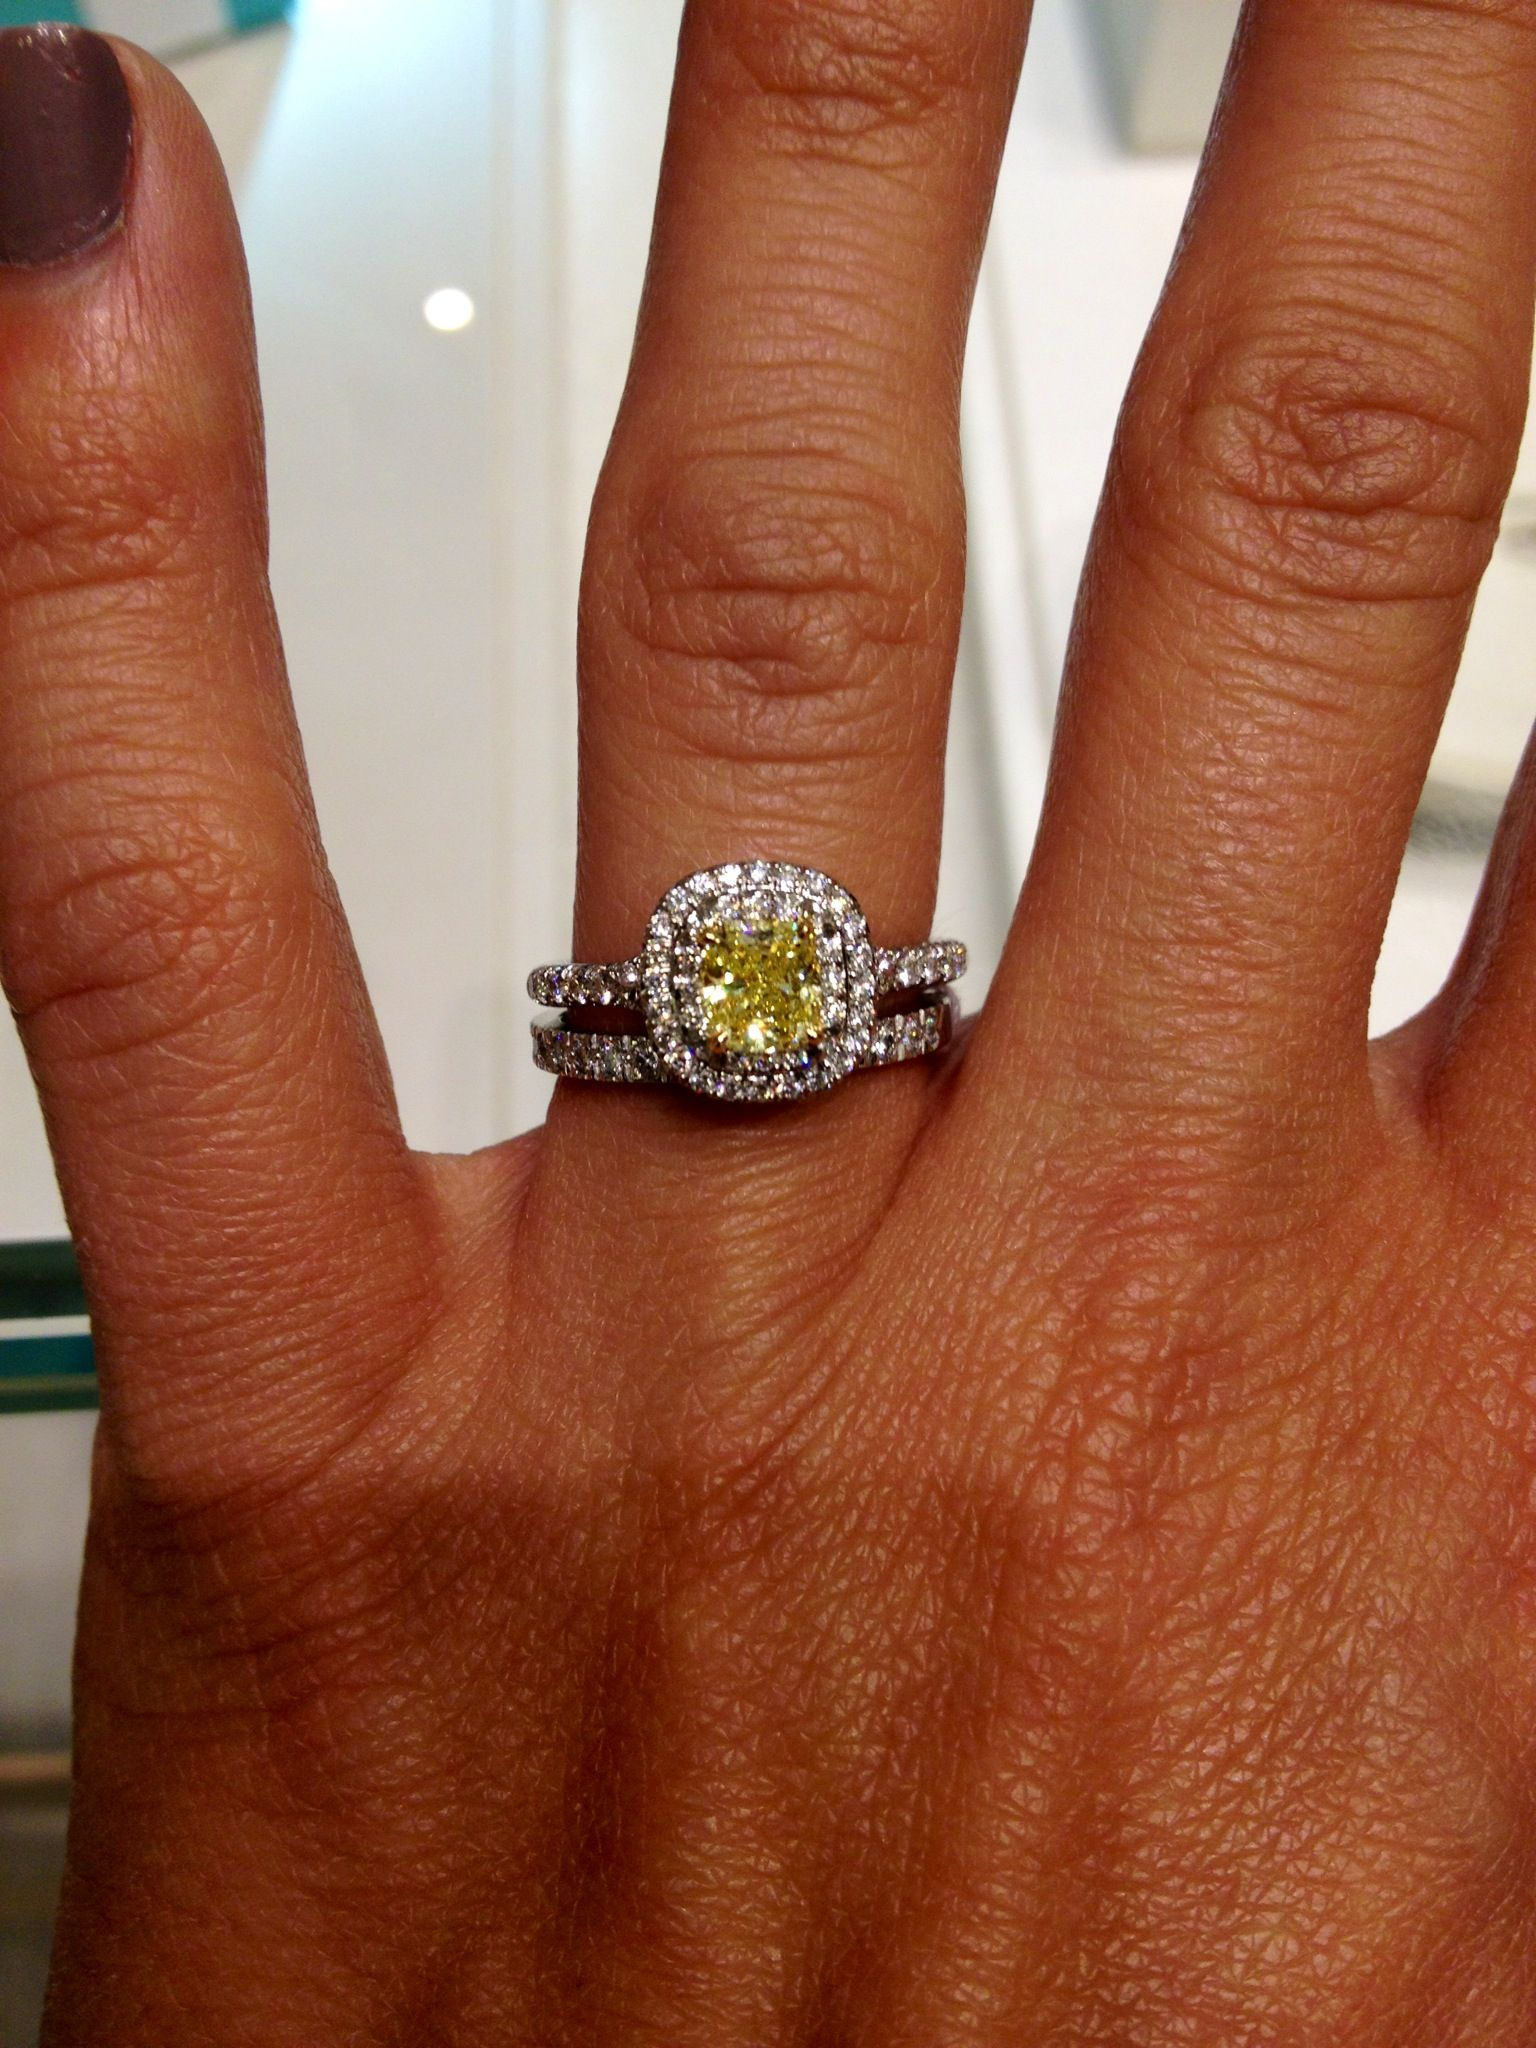 Tiffany s yellow diamond ring I want so bad I Do